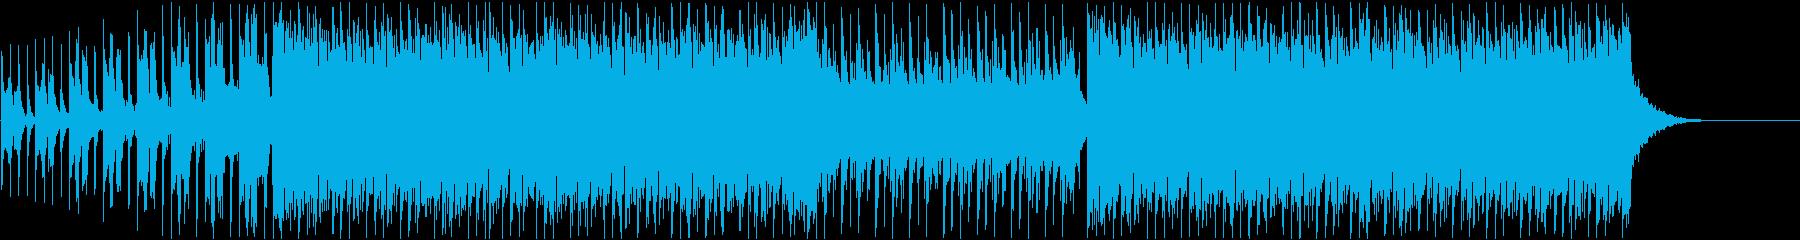 ビート感の強いハウス曲の再生済みの波形